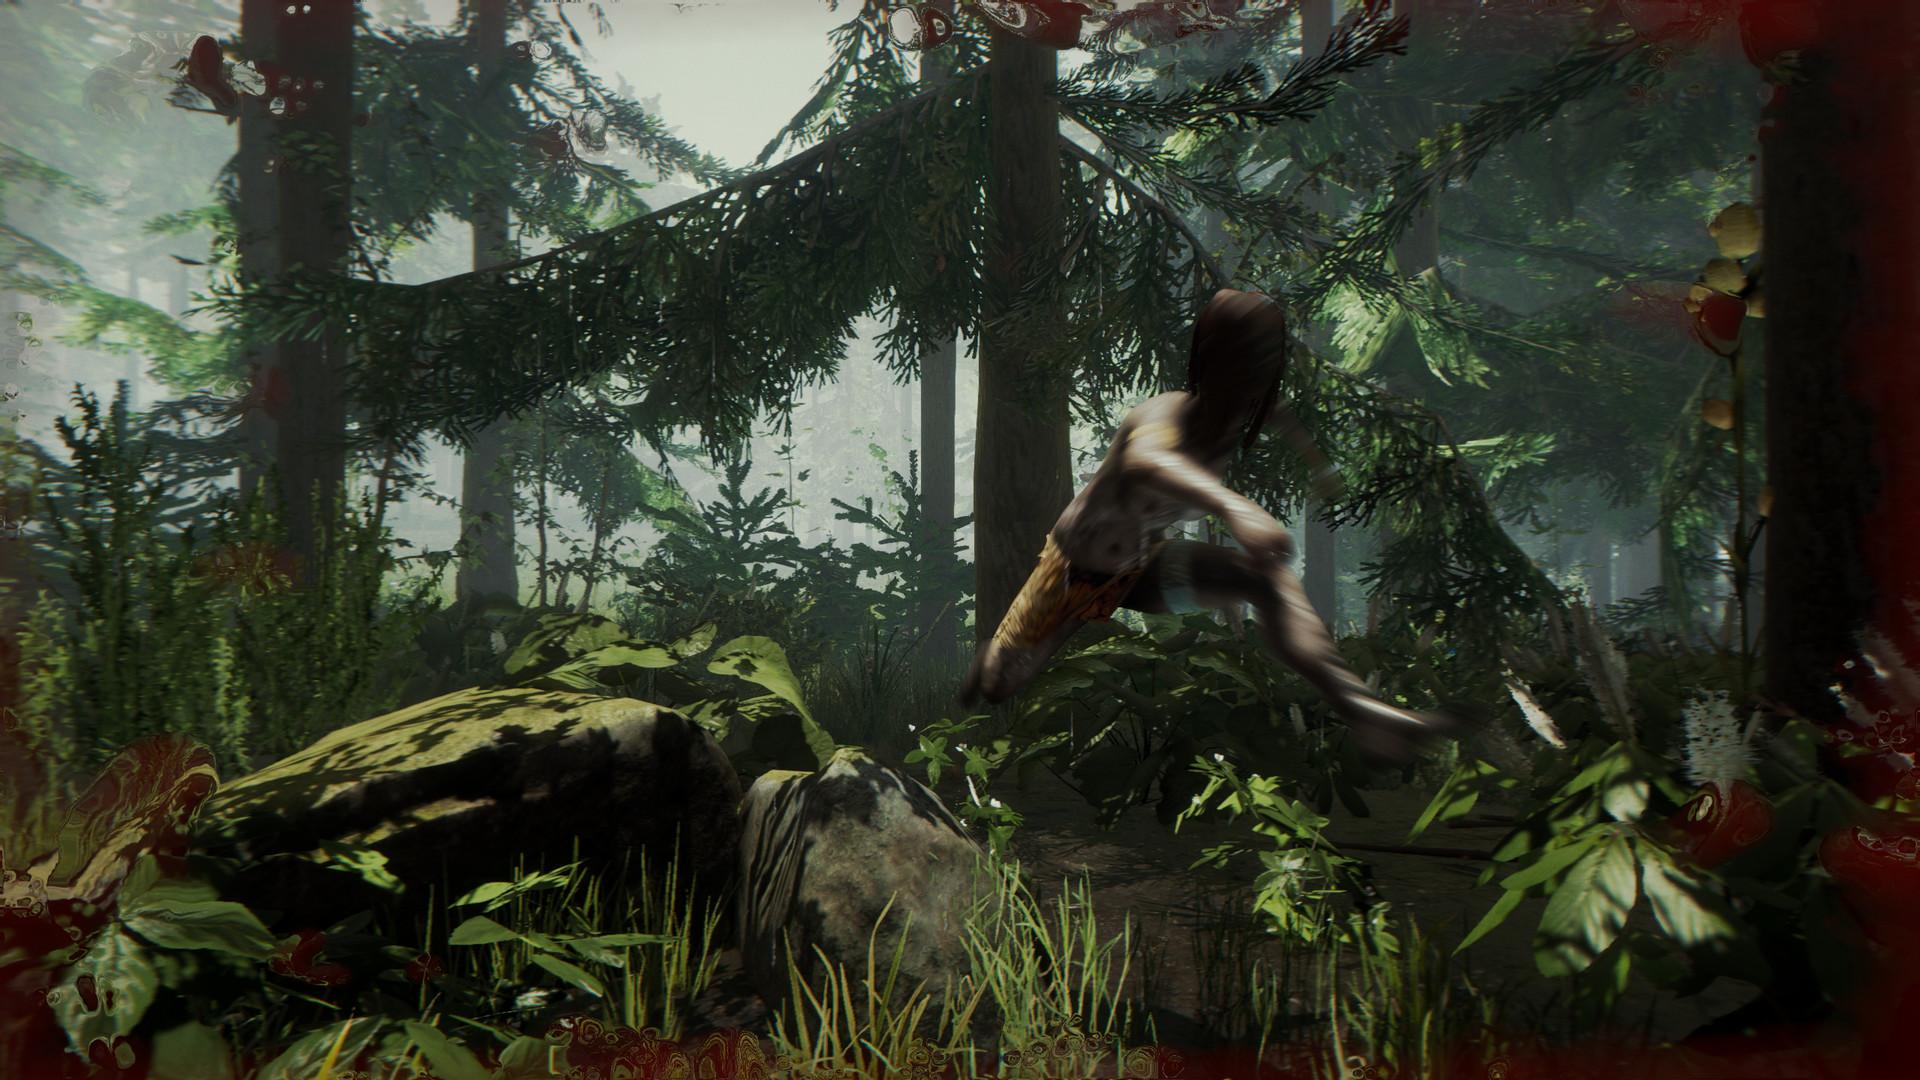 """Résultat de recherche d'images pour """"the forest game"""""""